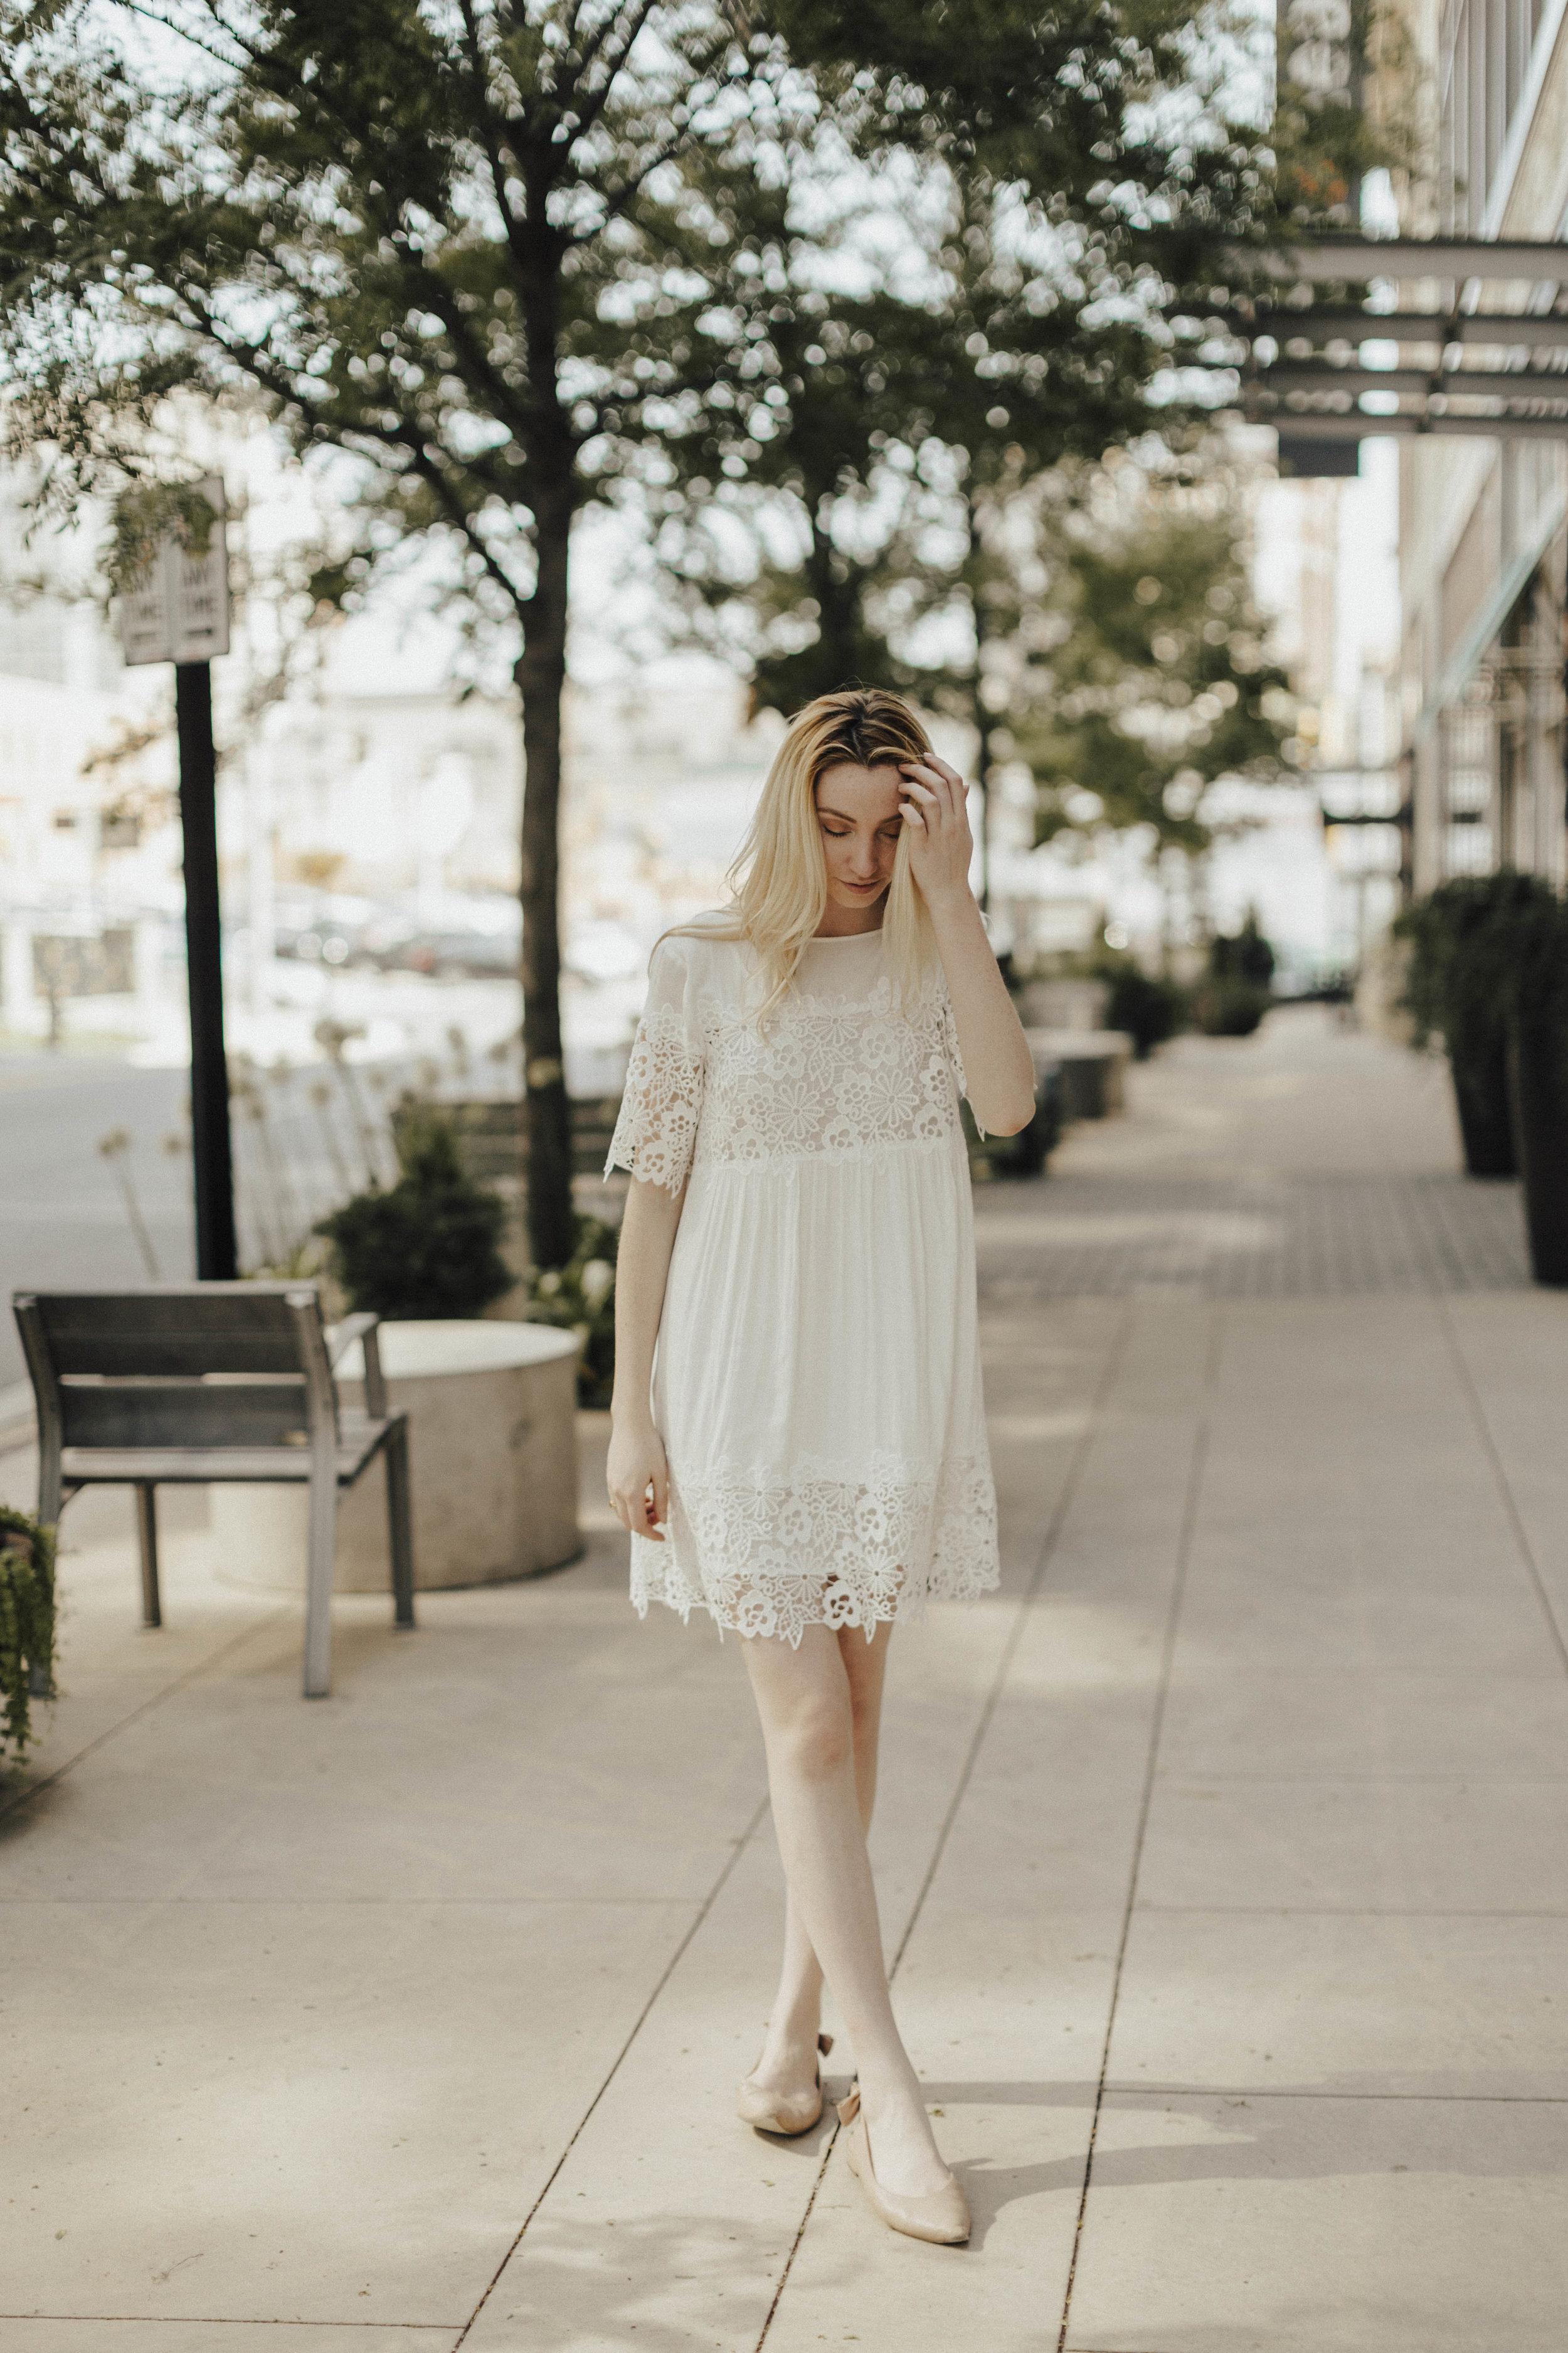 Summer Sundress Outfit